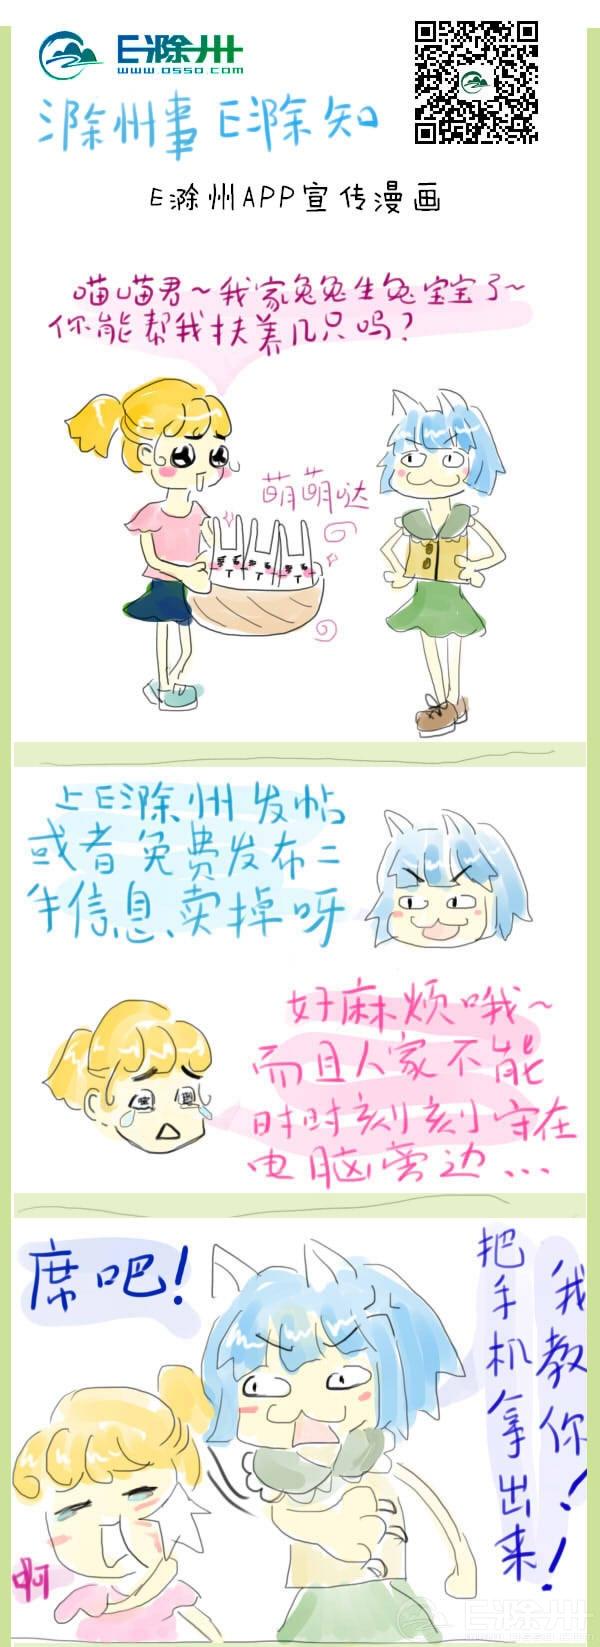 APP宣传漫画改_副本.jpg